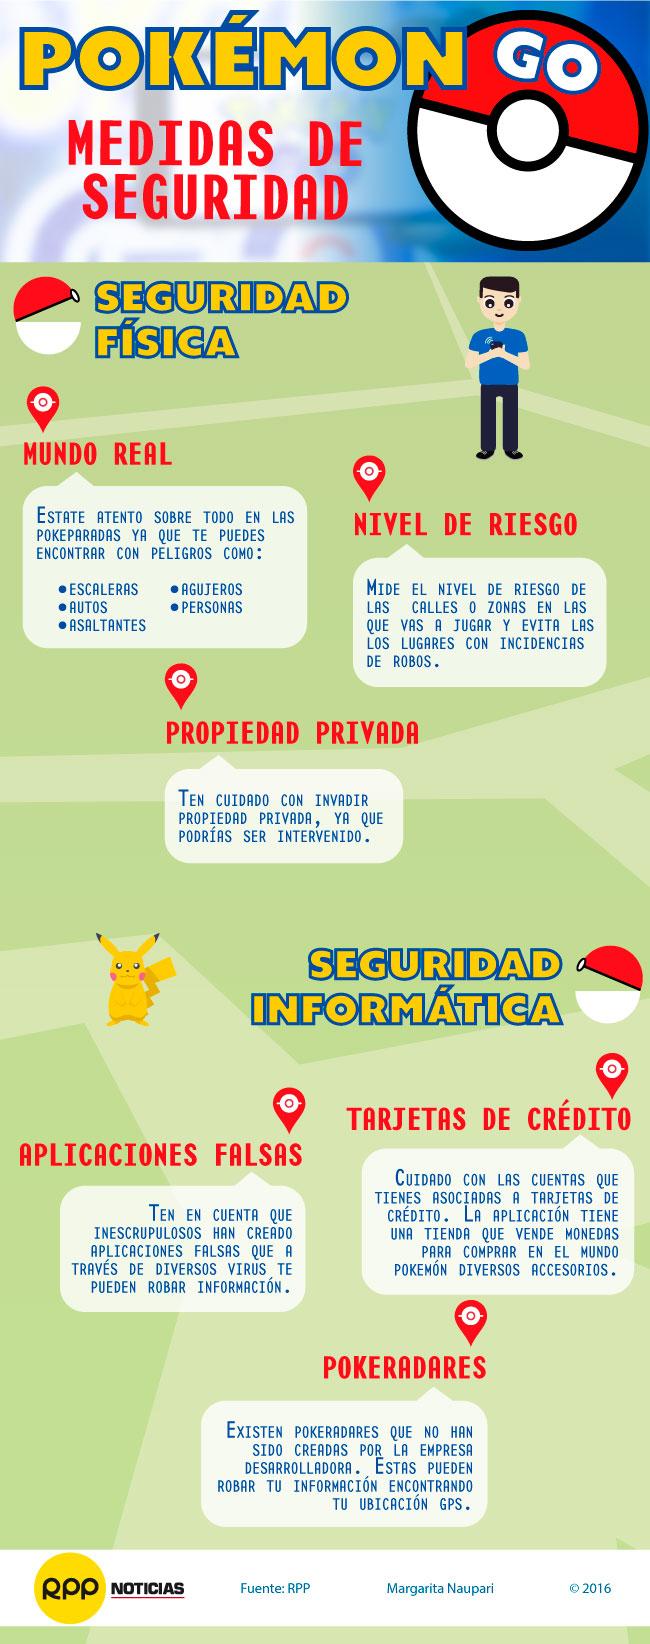 Pokémon GO: Medidas de seguridad que debes tomar